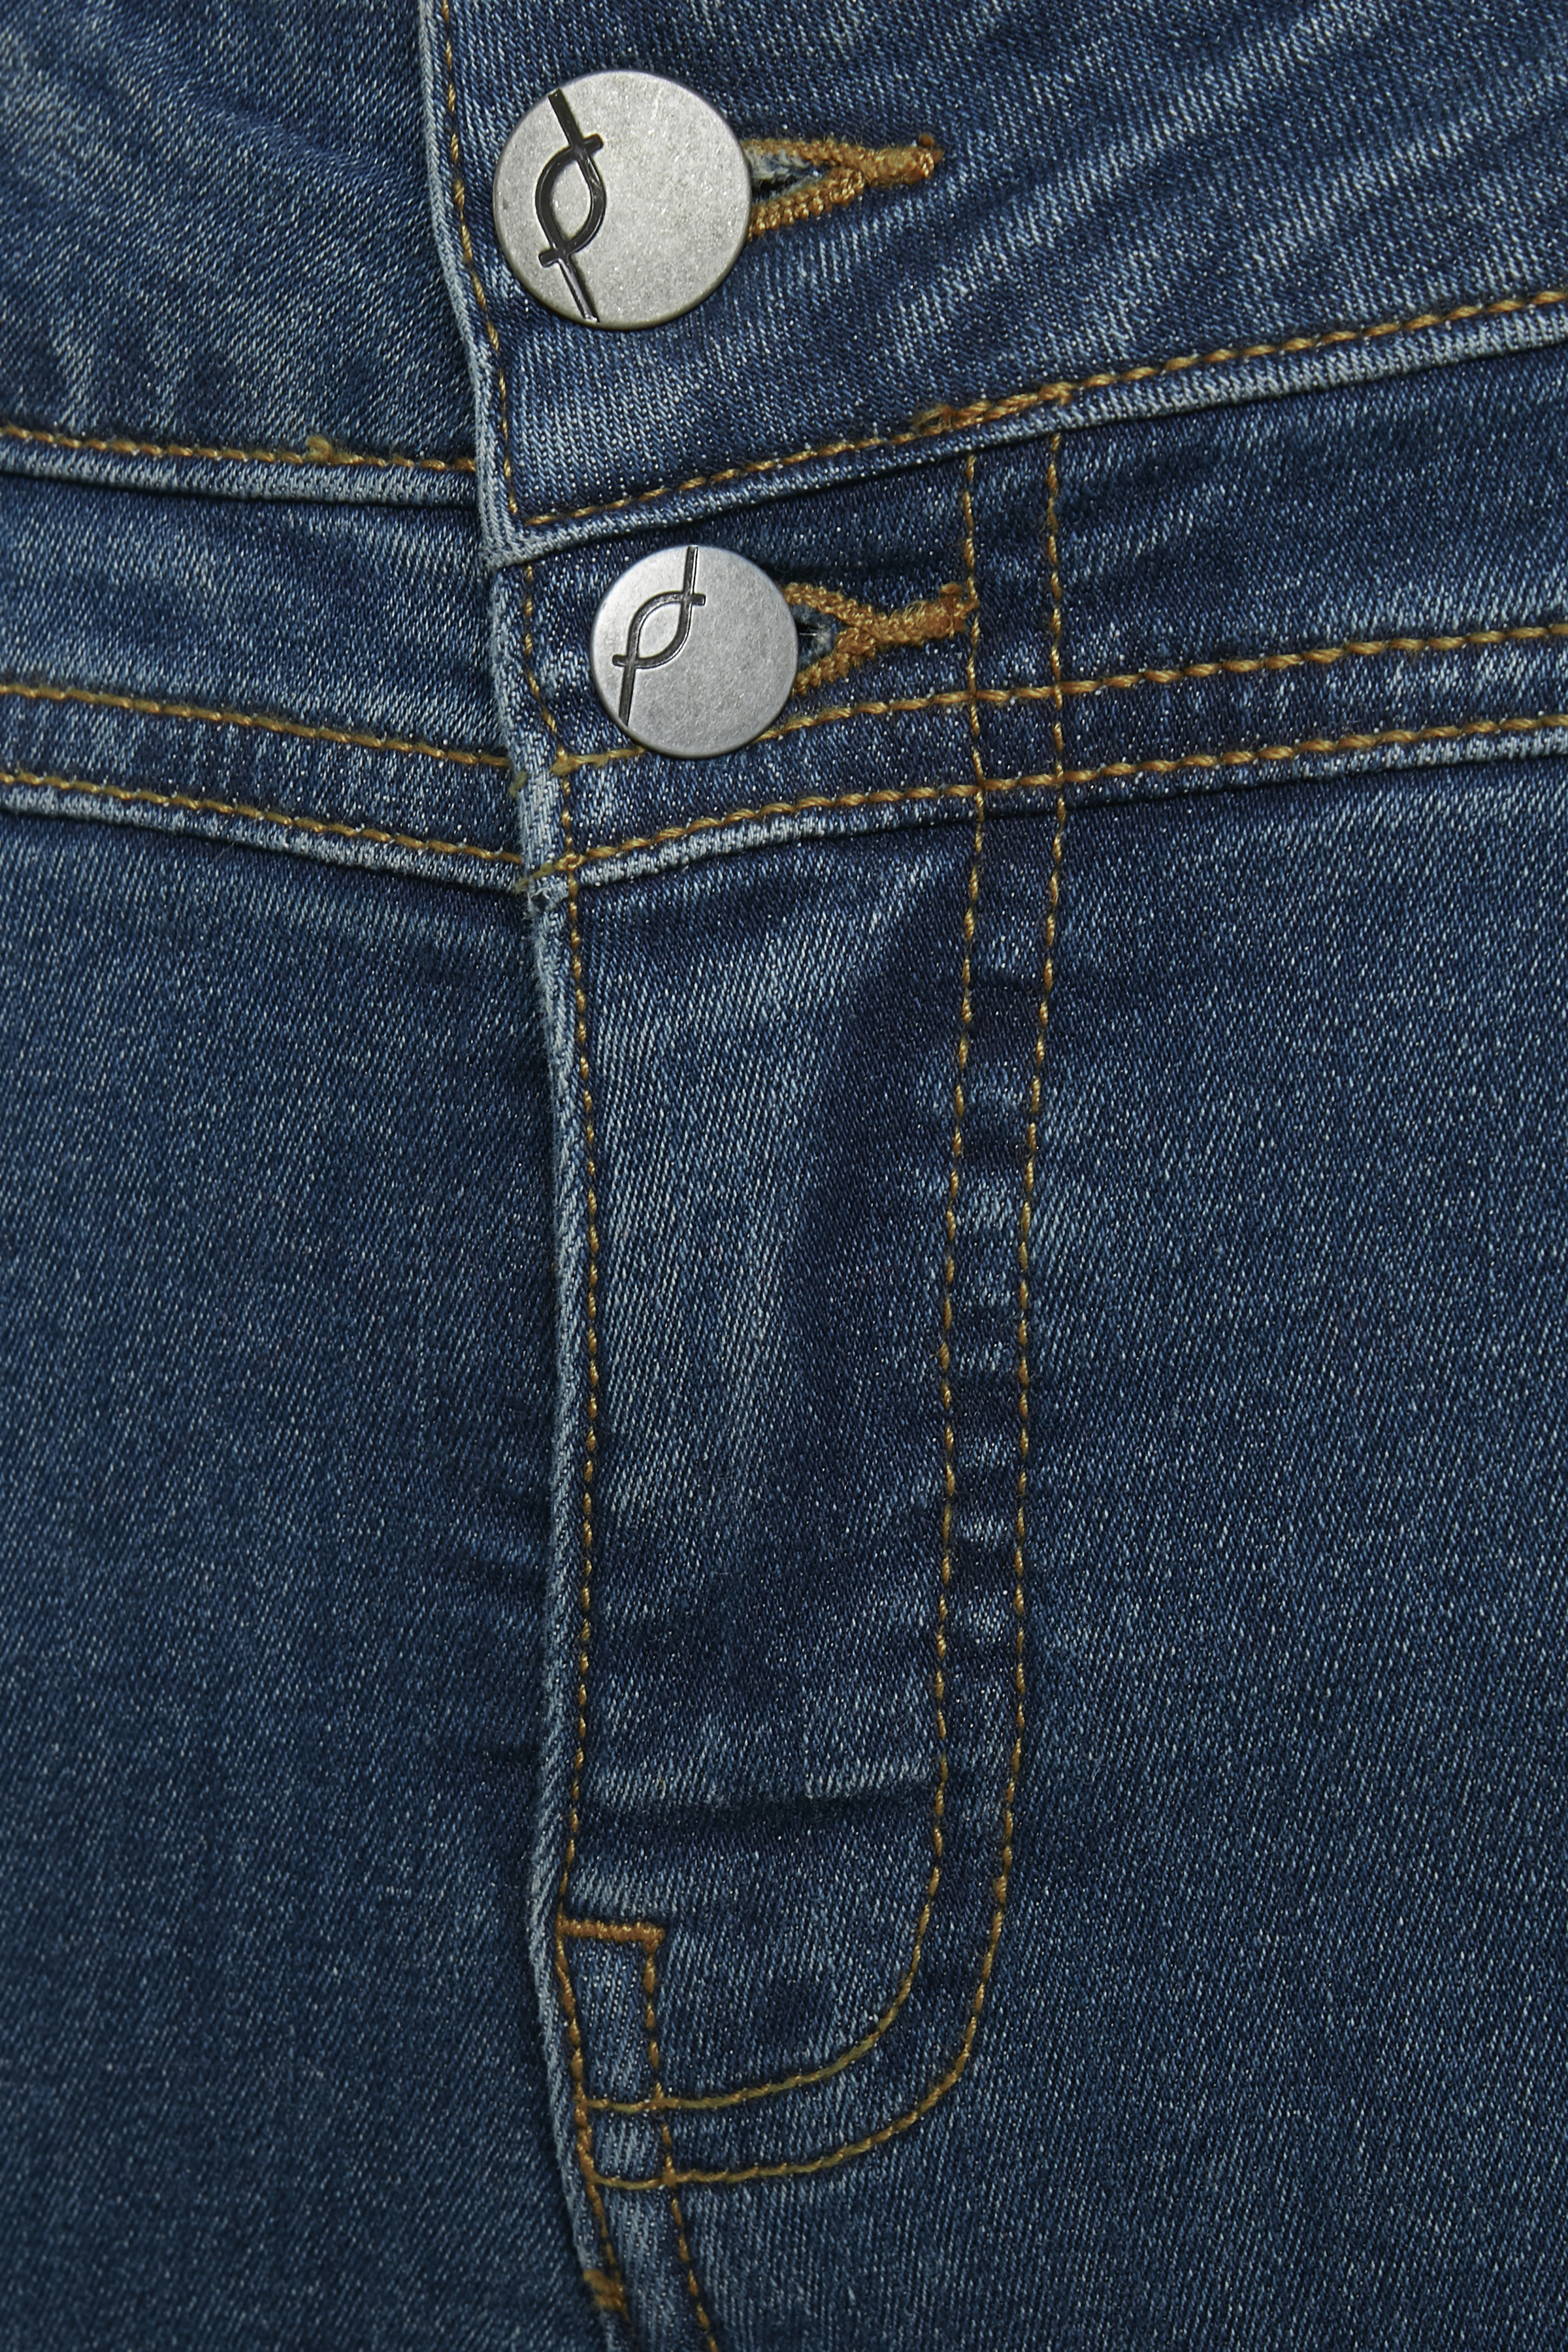 Denimblå Denimbuks fra Fransa – Køb Denimblå Denimbuks fra str. 32-46 her